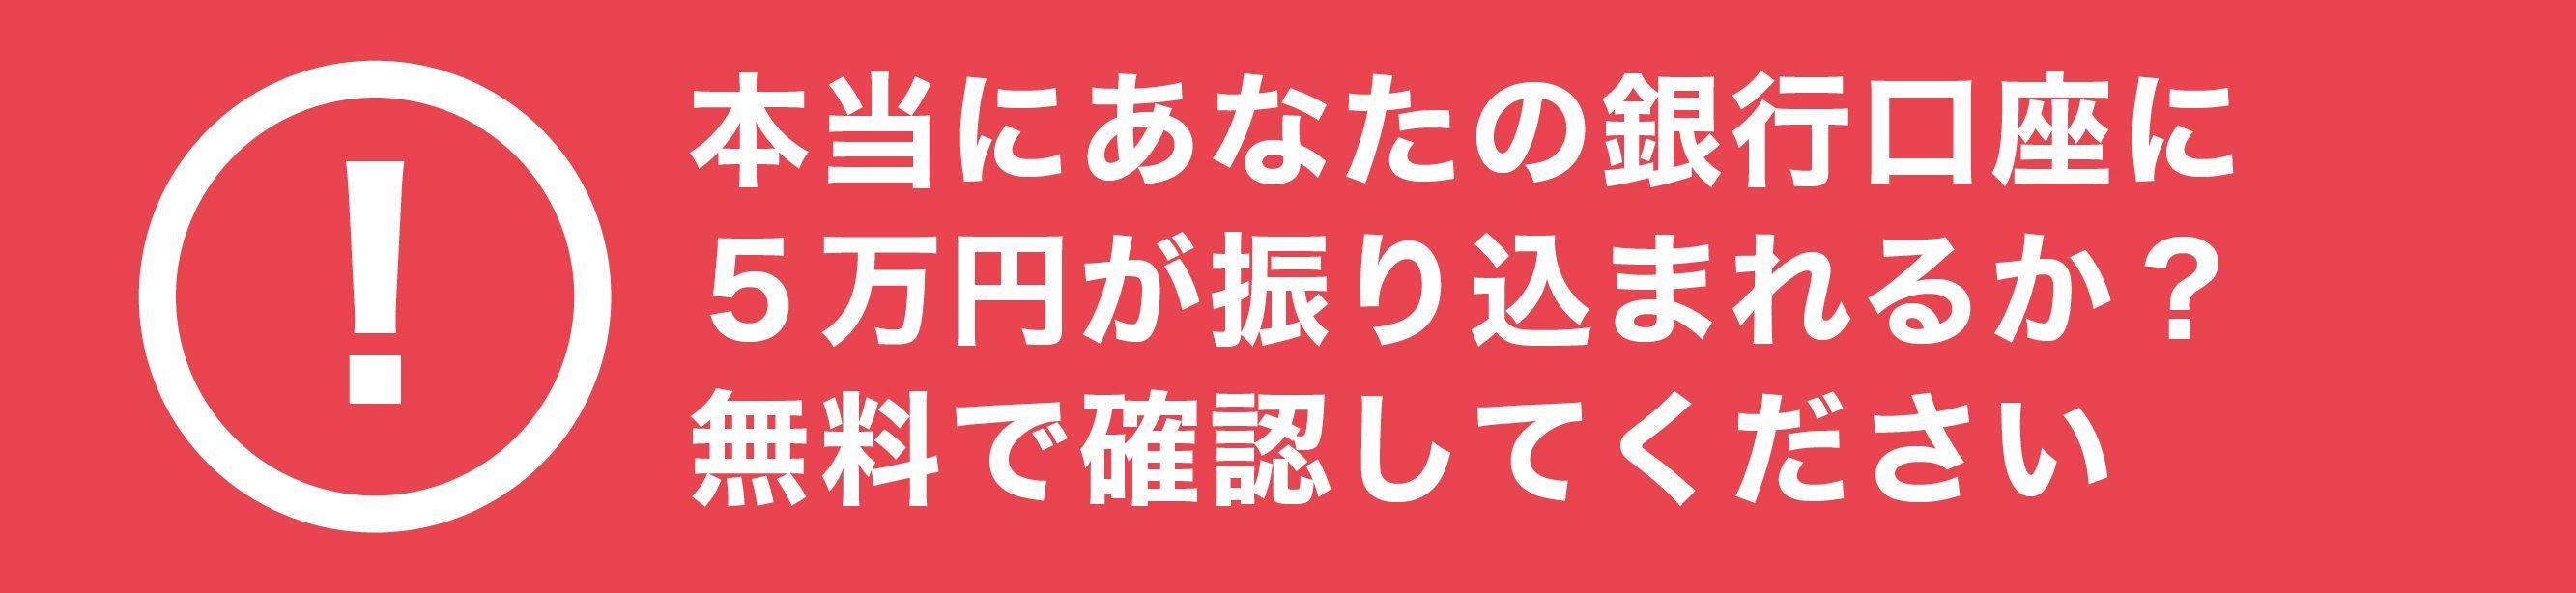 本当にあなたの銀行口座に5万円が振り込まれるか?無料で確認してください